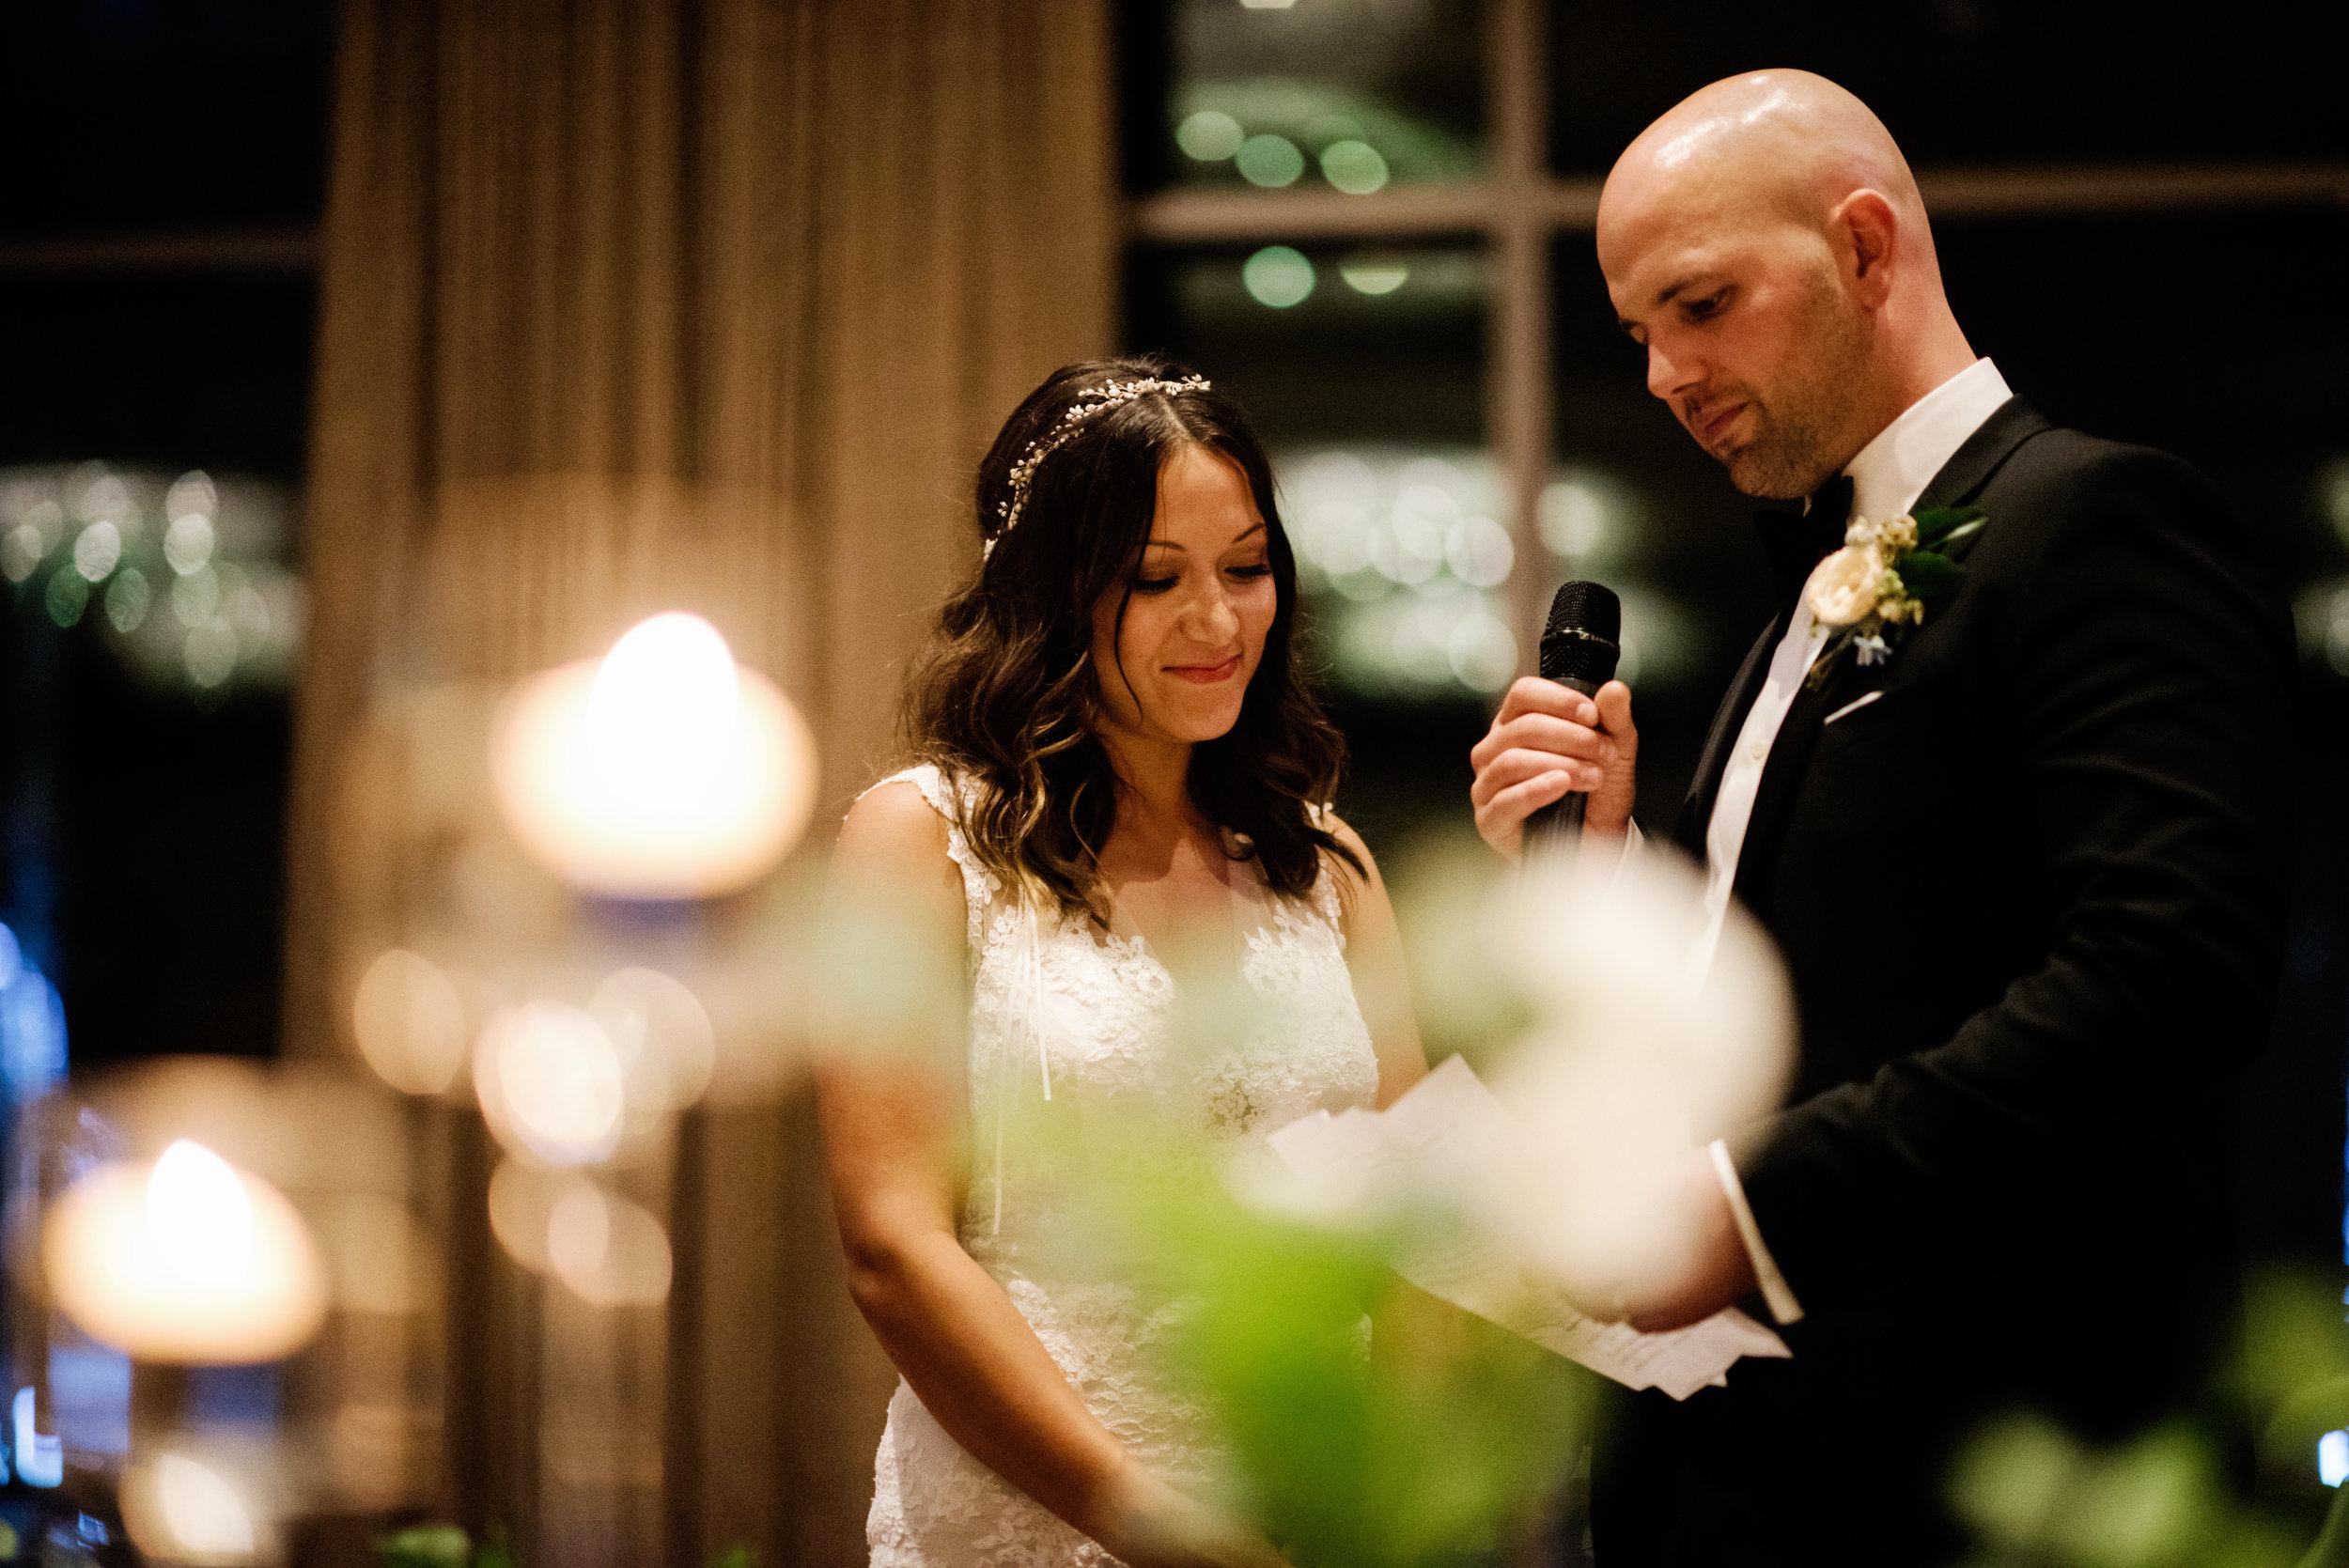 erintommy-four-seasons-seattle-wedding-ryan-flynn-reception-0203.JPG